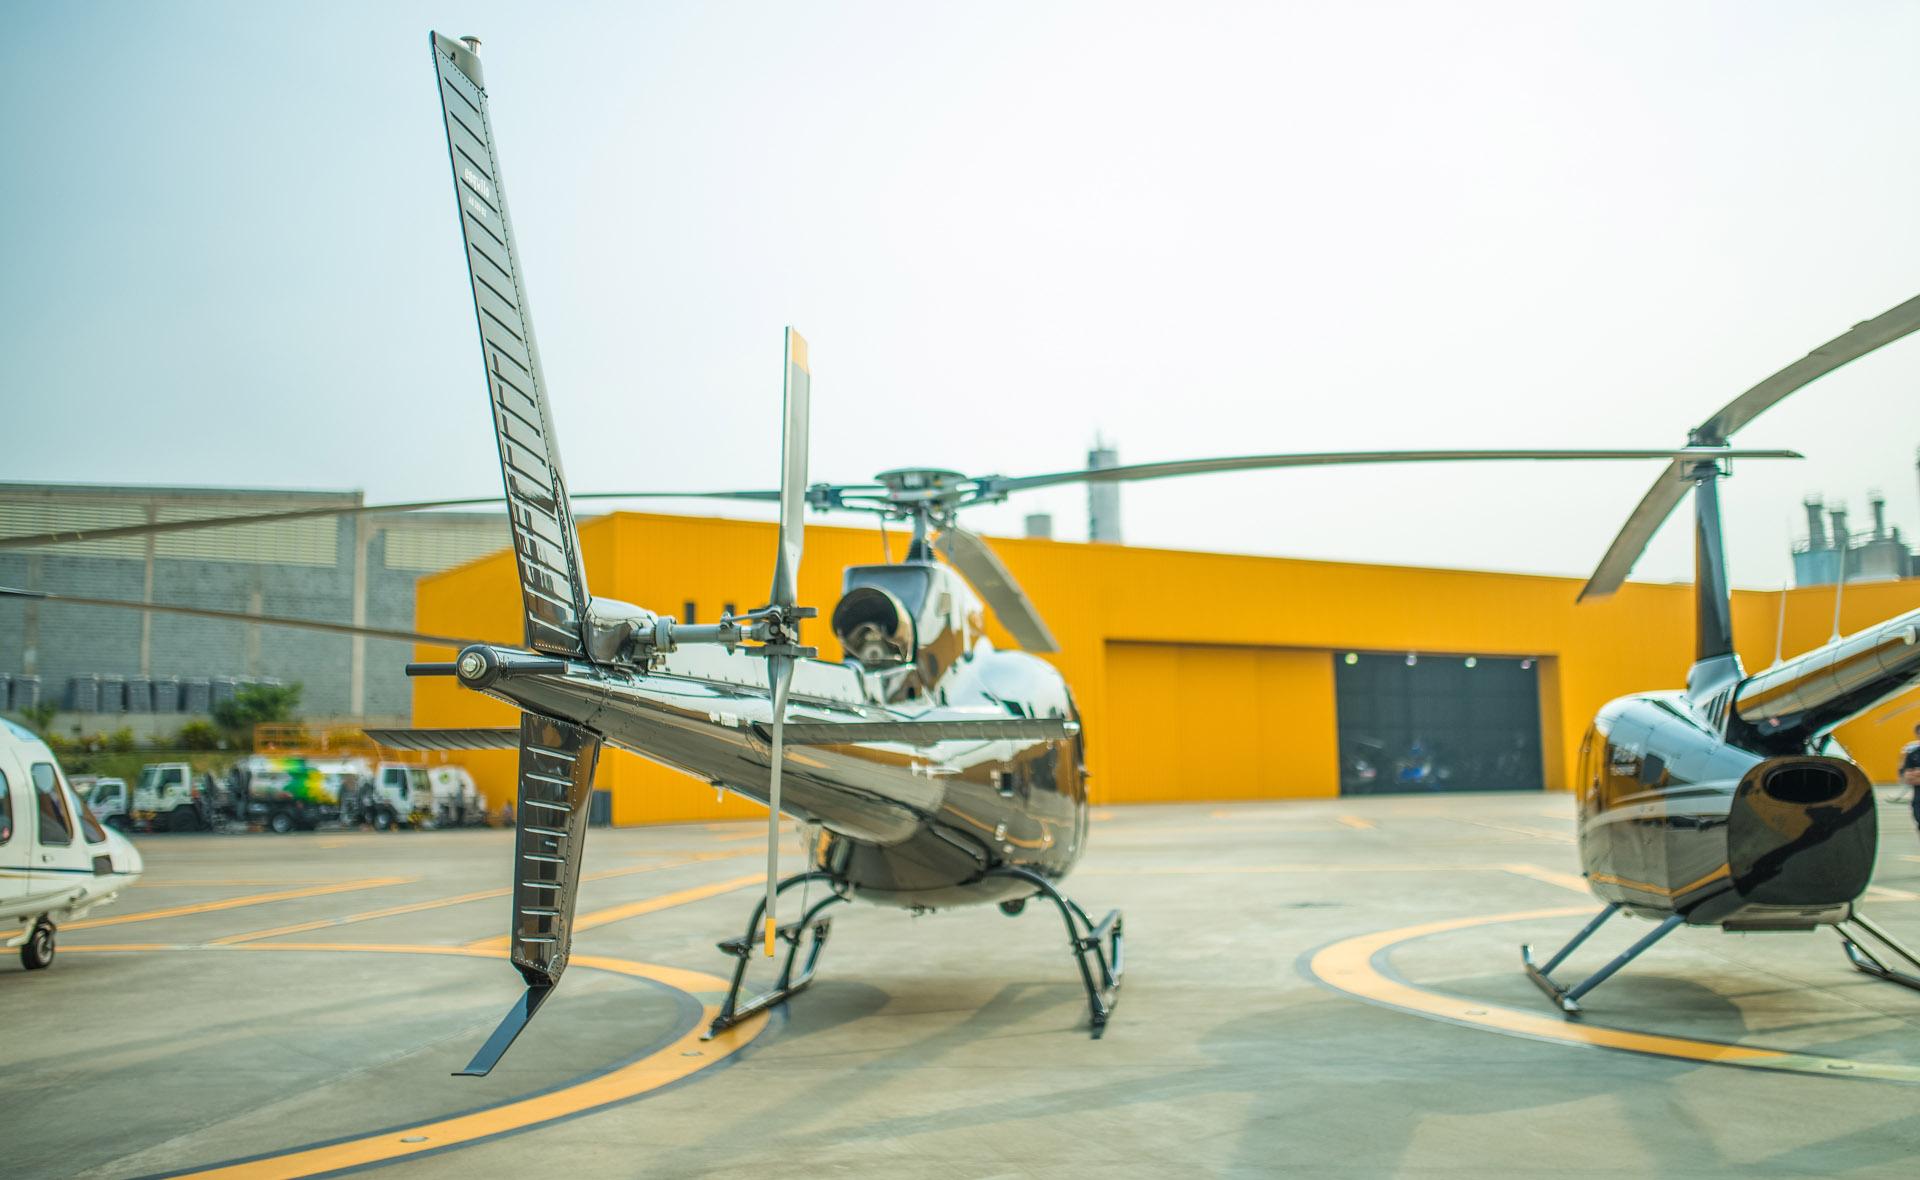 Serviços aéreos especializados